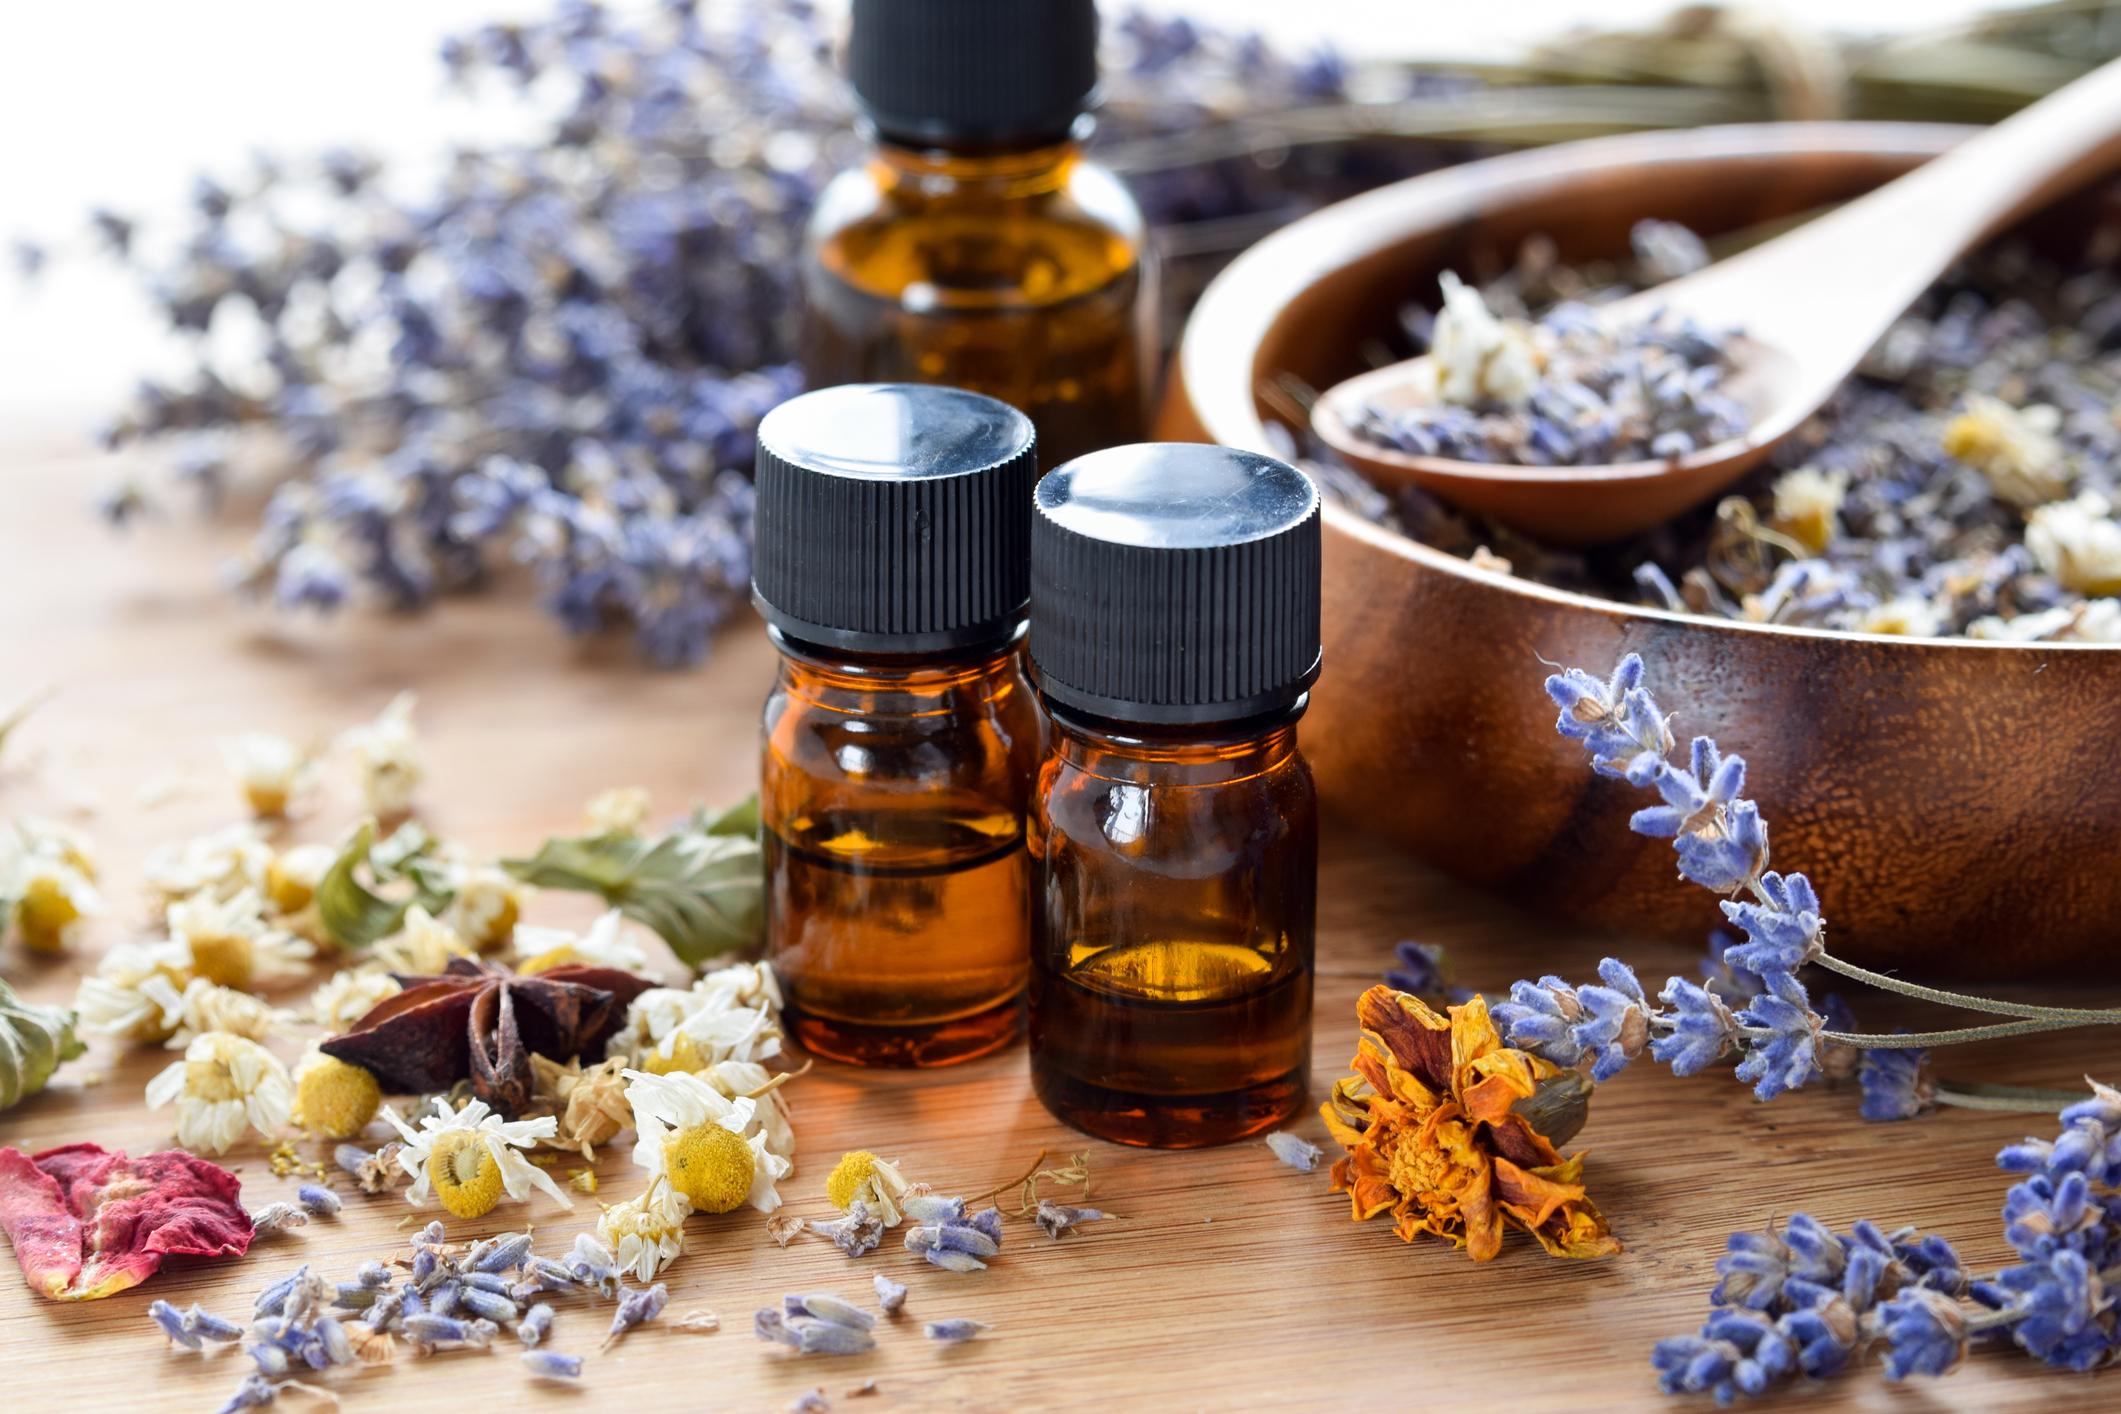 Bagno Rilassante Con Oli Essenziali : Oli essenziali quelli da usare per un bagno in assoluto relax